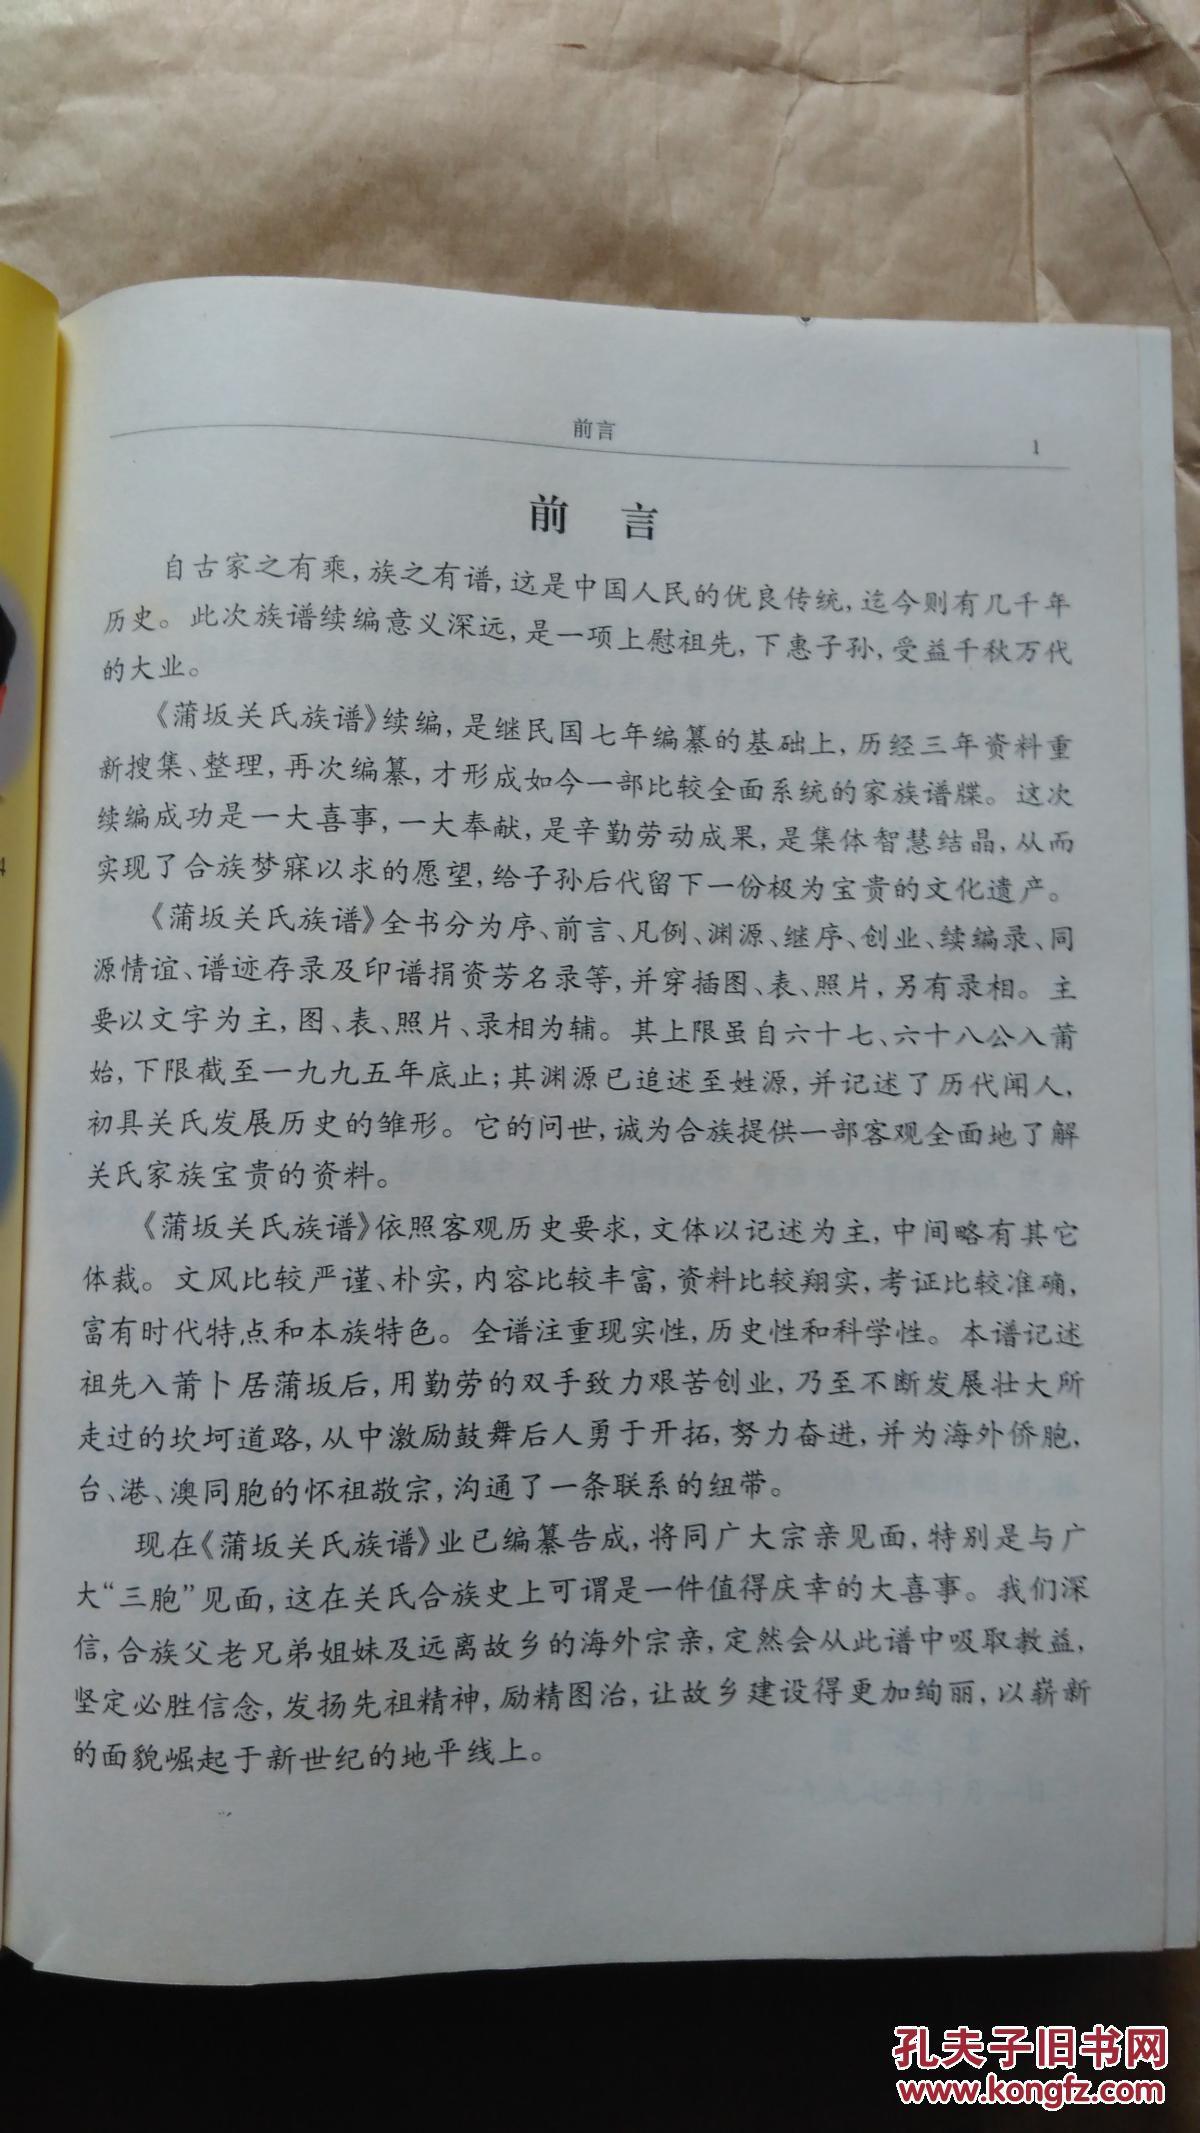 (福建省莆田) 蒲坂关氏族谱-精装本